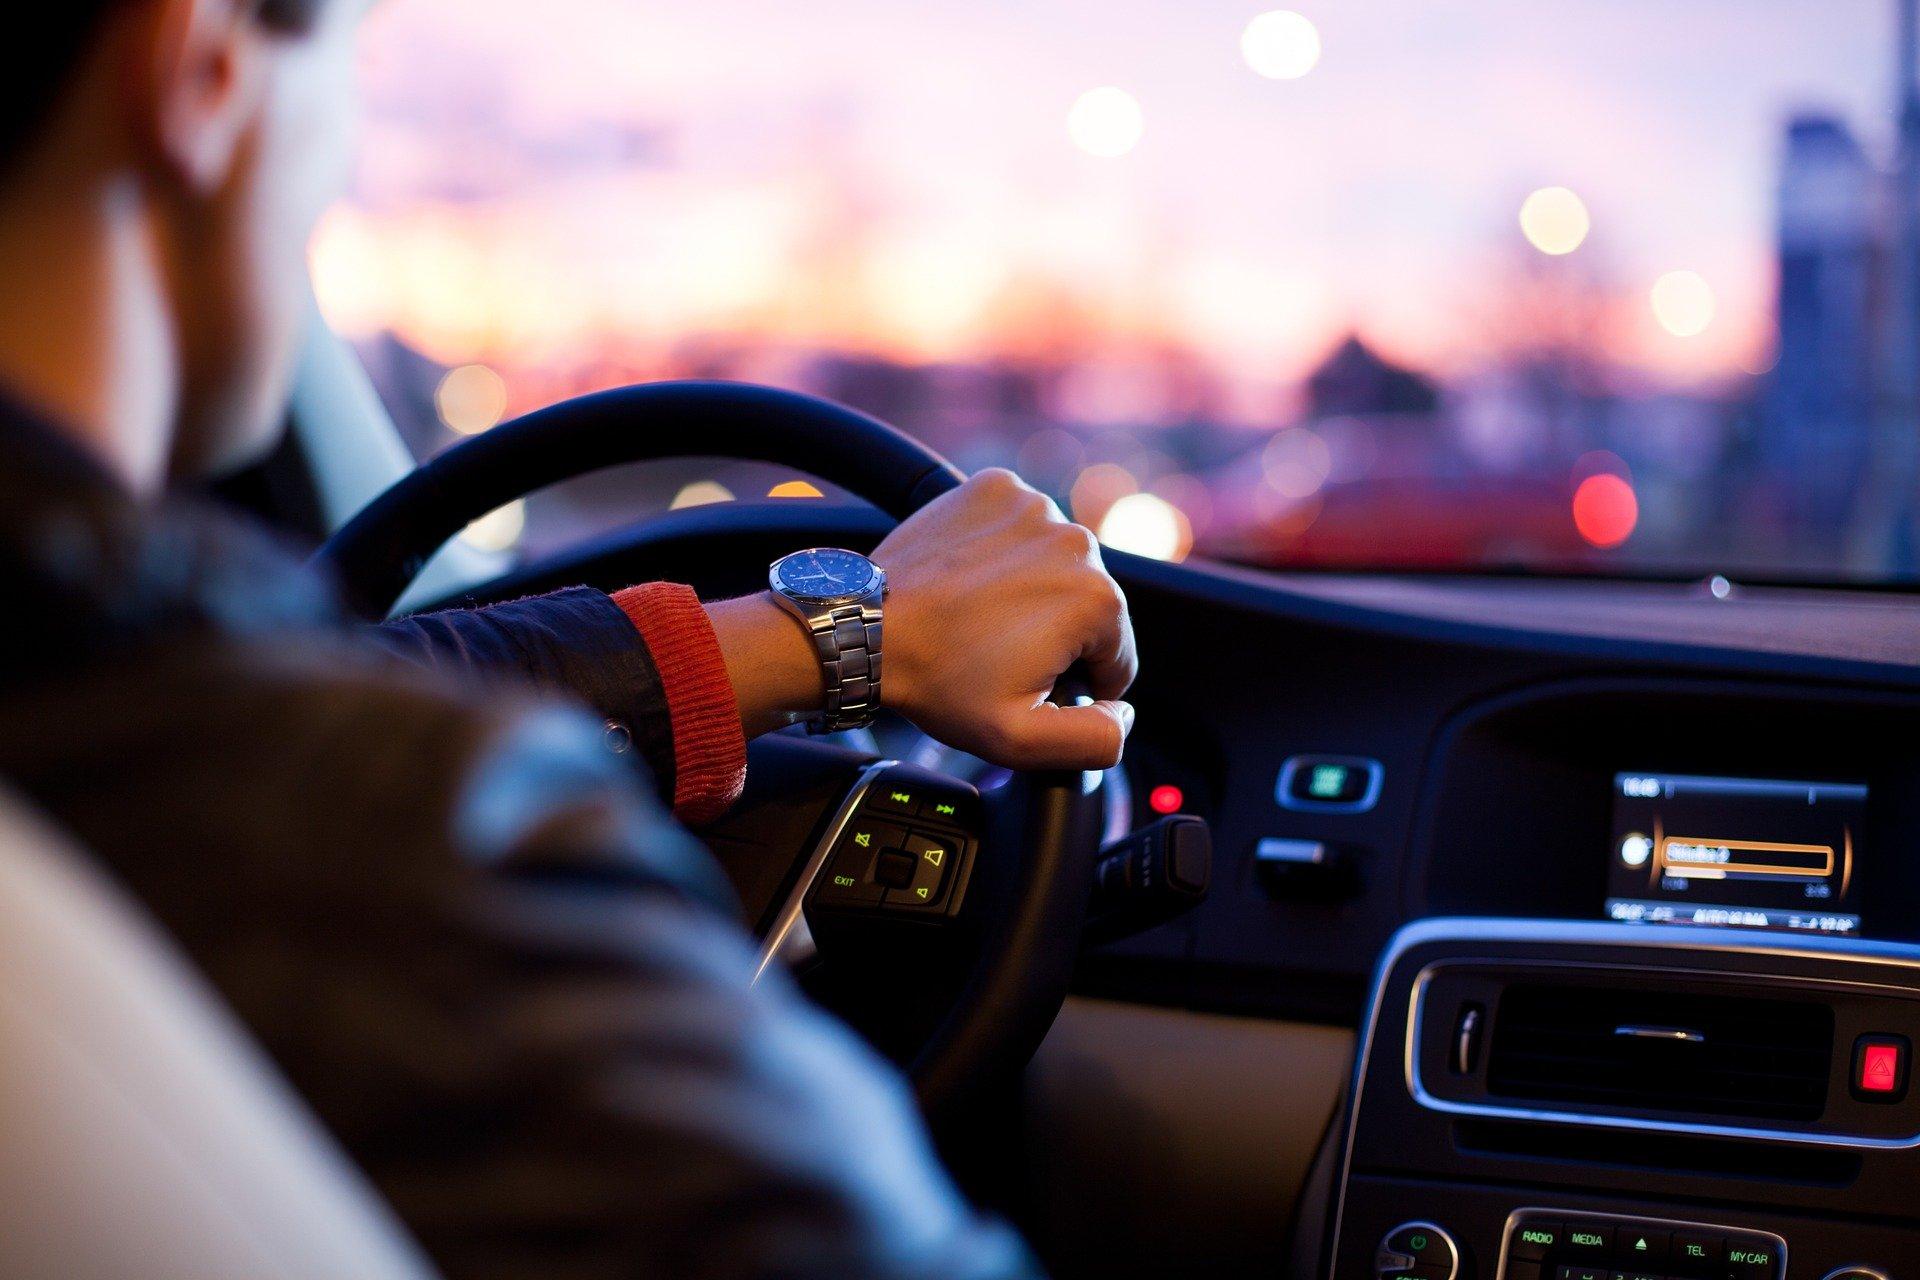 Szybcy i wściekli czy rozsądni i oszczędni? Wiemy co w samochodach cenią mężczyźni